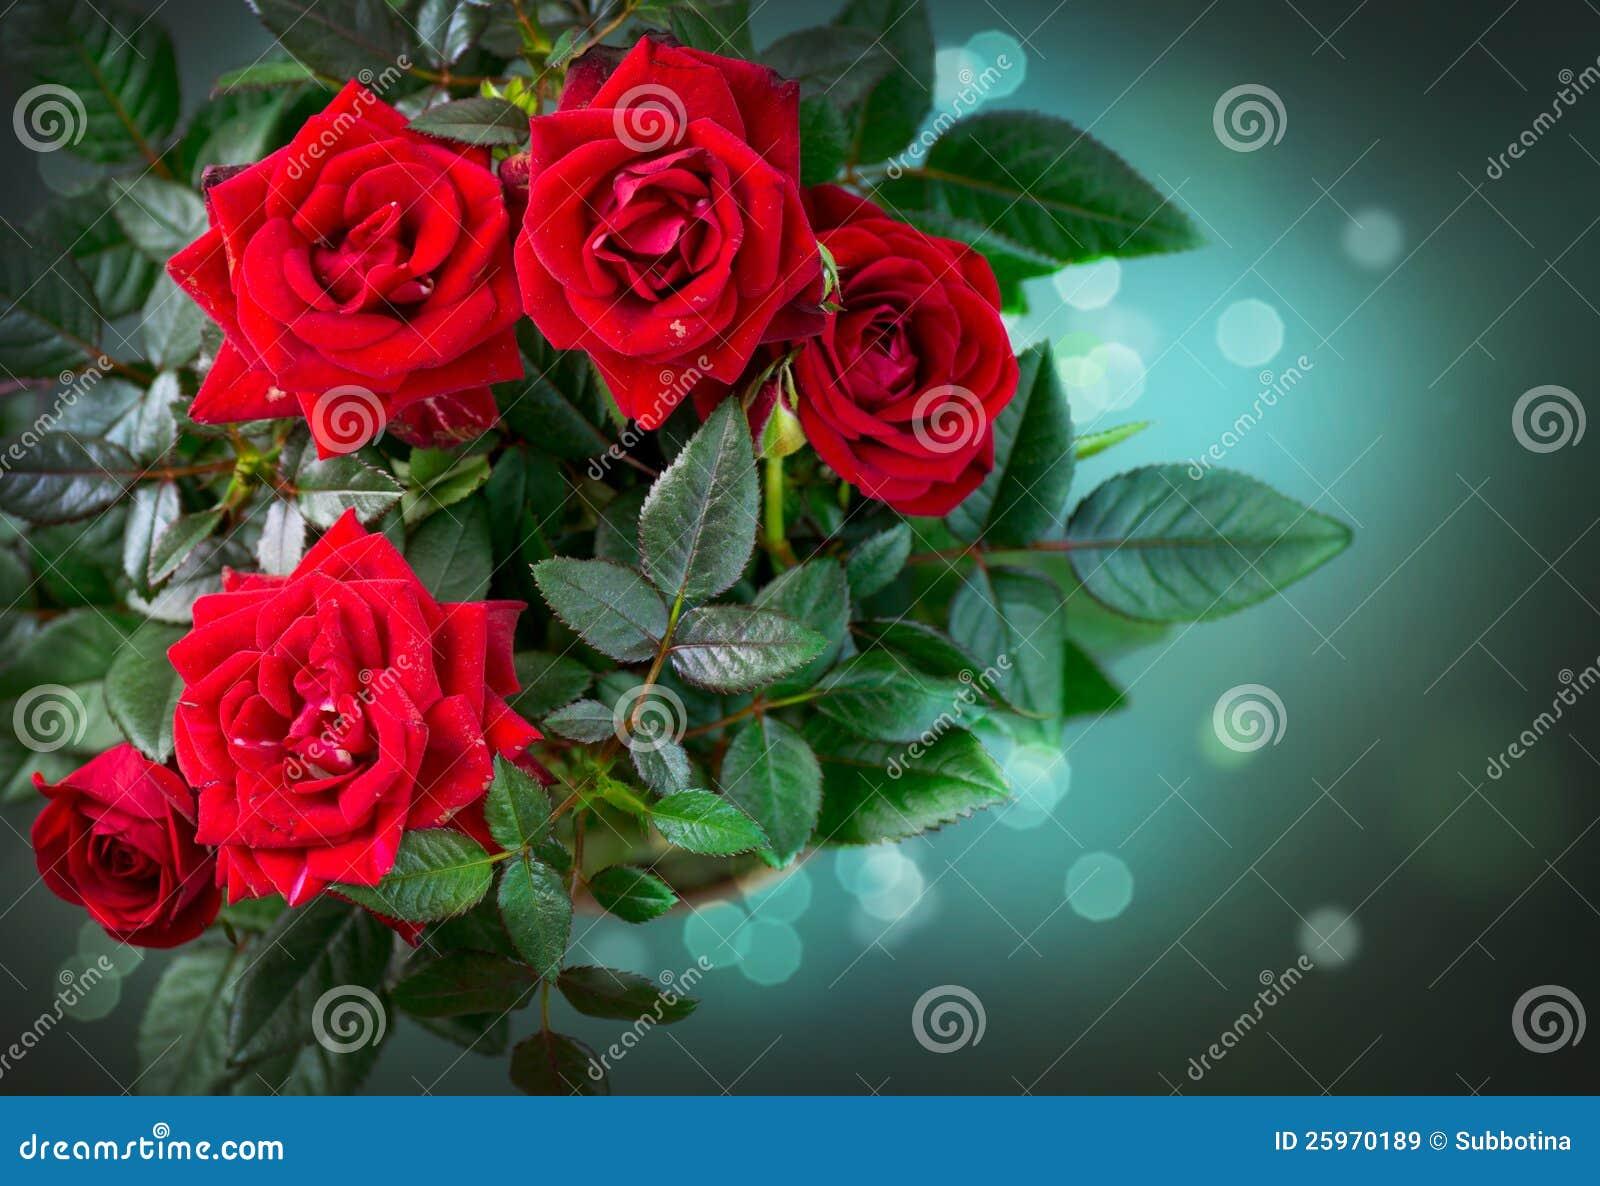 Disegno del mazzo delle rose immagine stock immagine for Disegni del mazzo del cortile